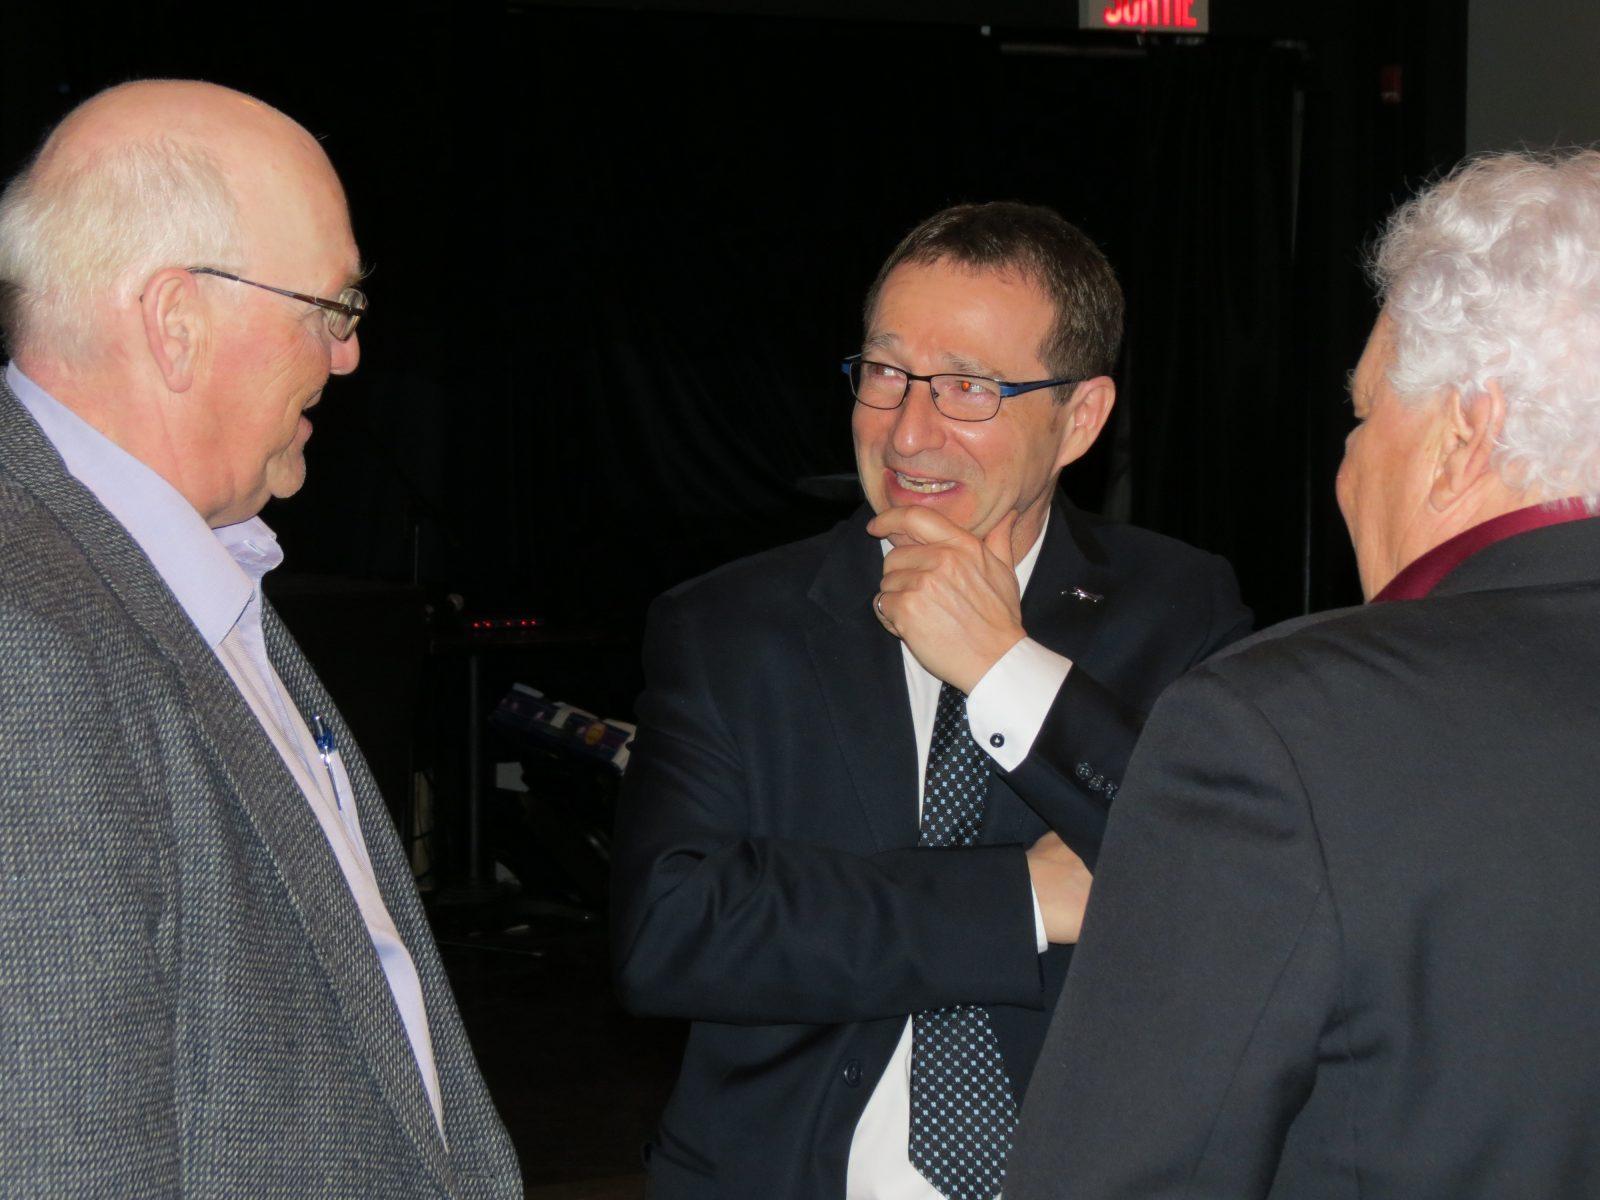 Des investissements de 150 millions $ en modernisation technologique prévus chez ArcelorMittal